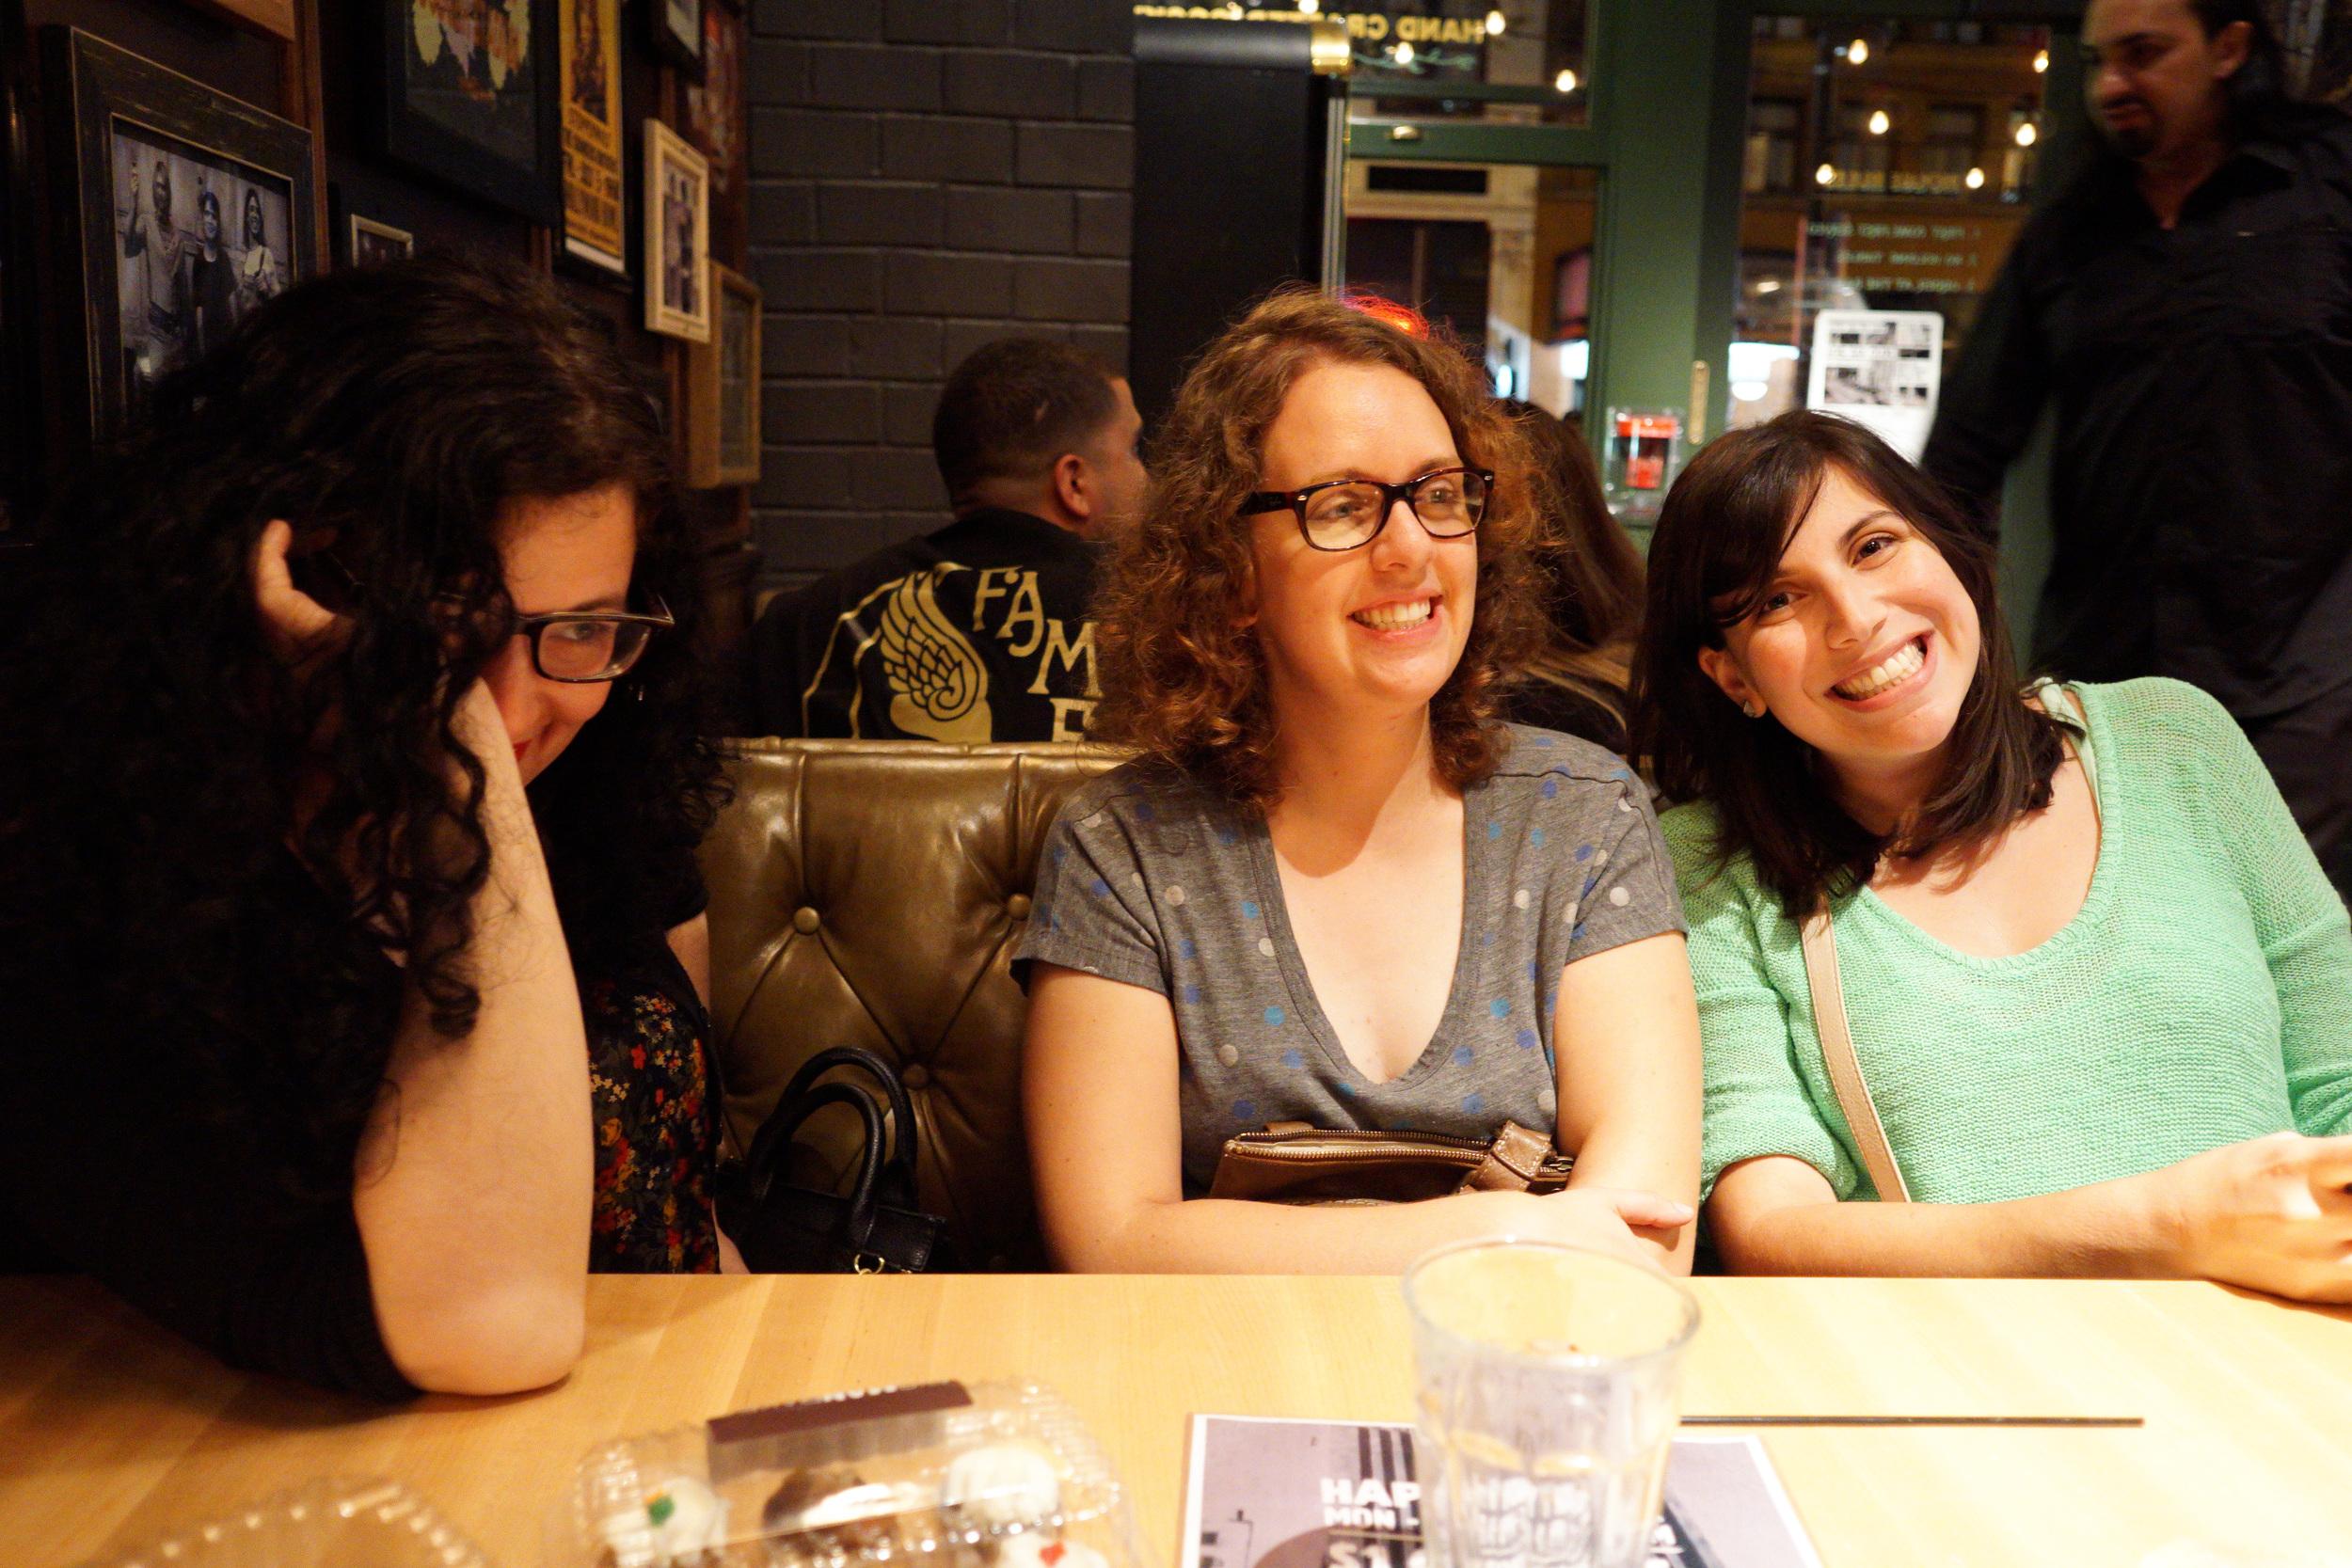 DSC00752 The Girls.JPG